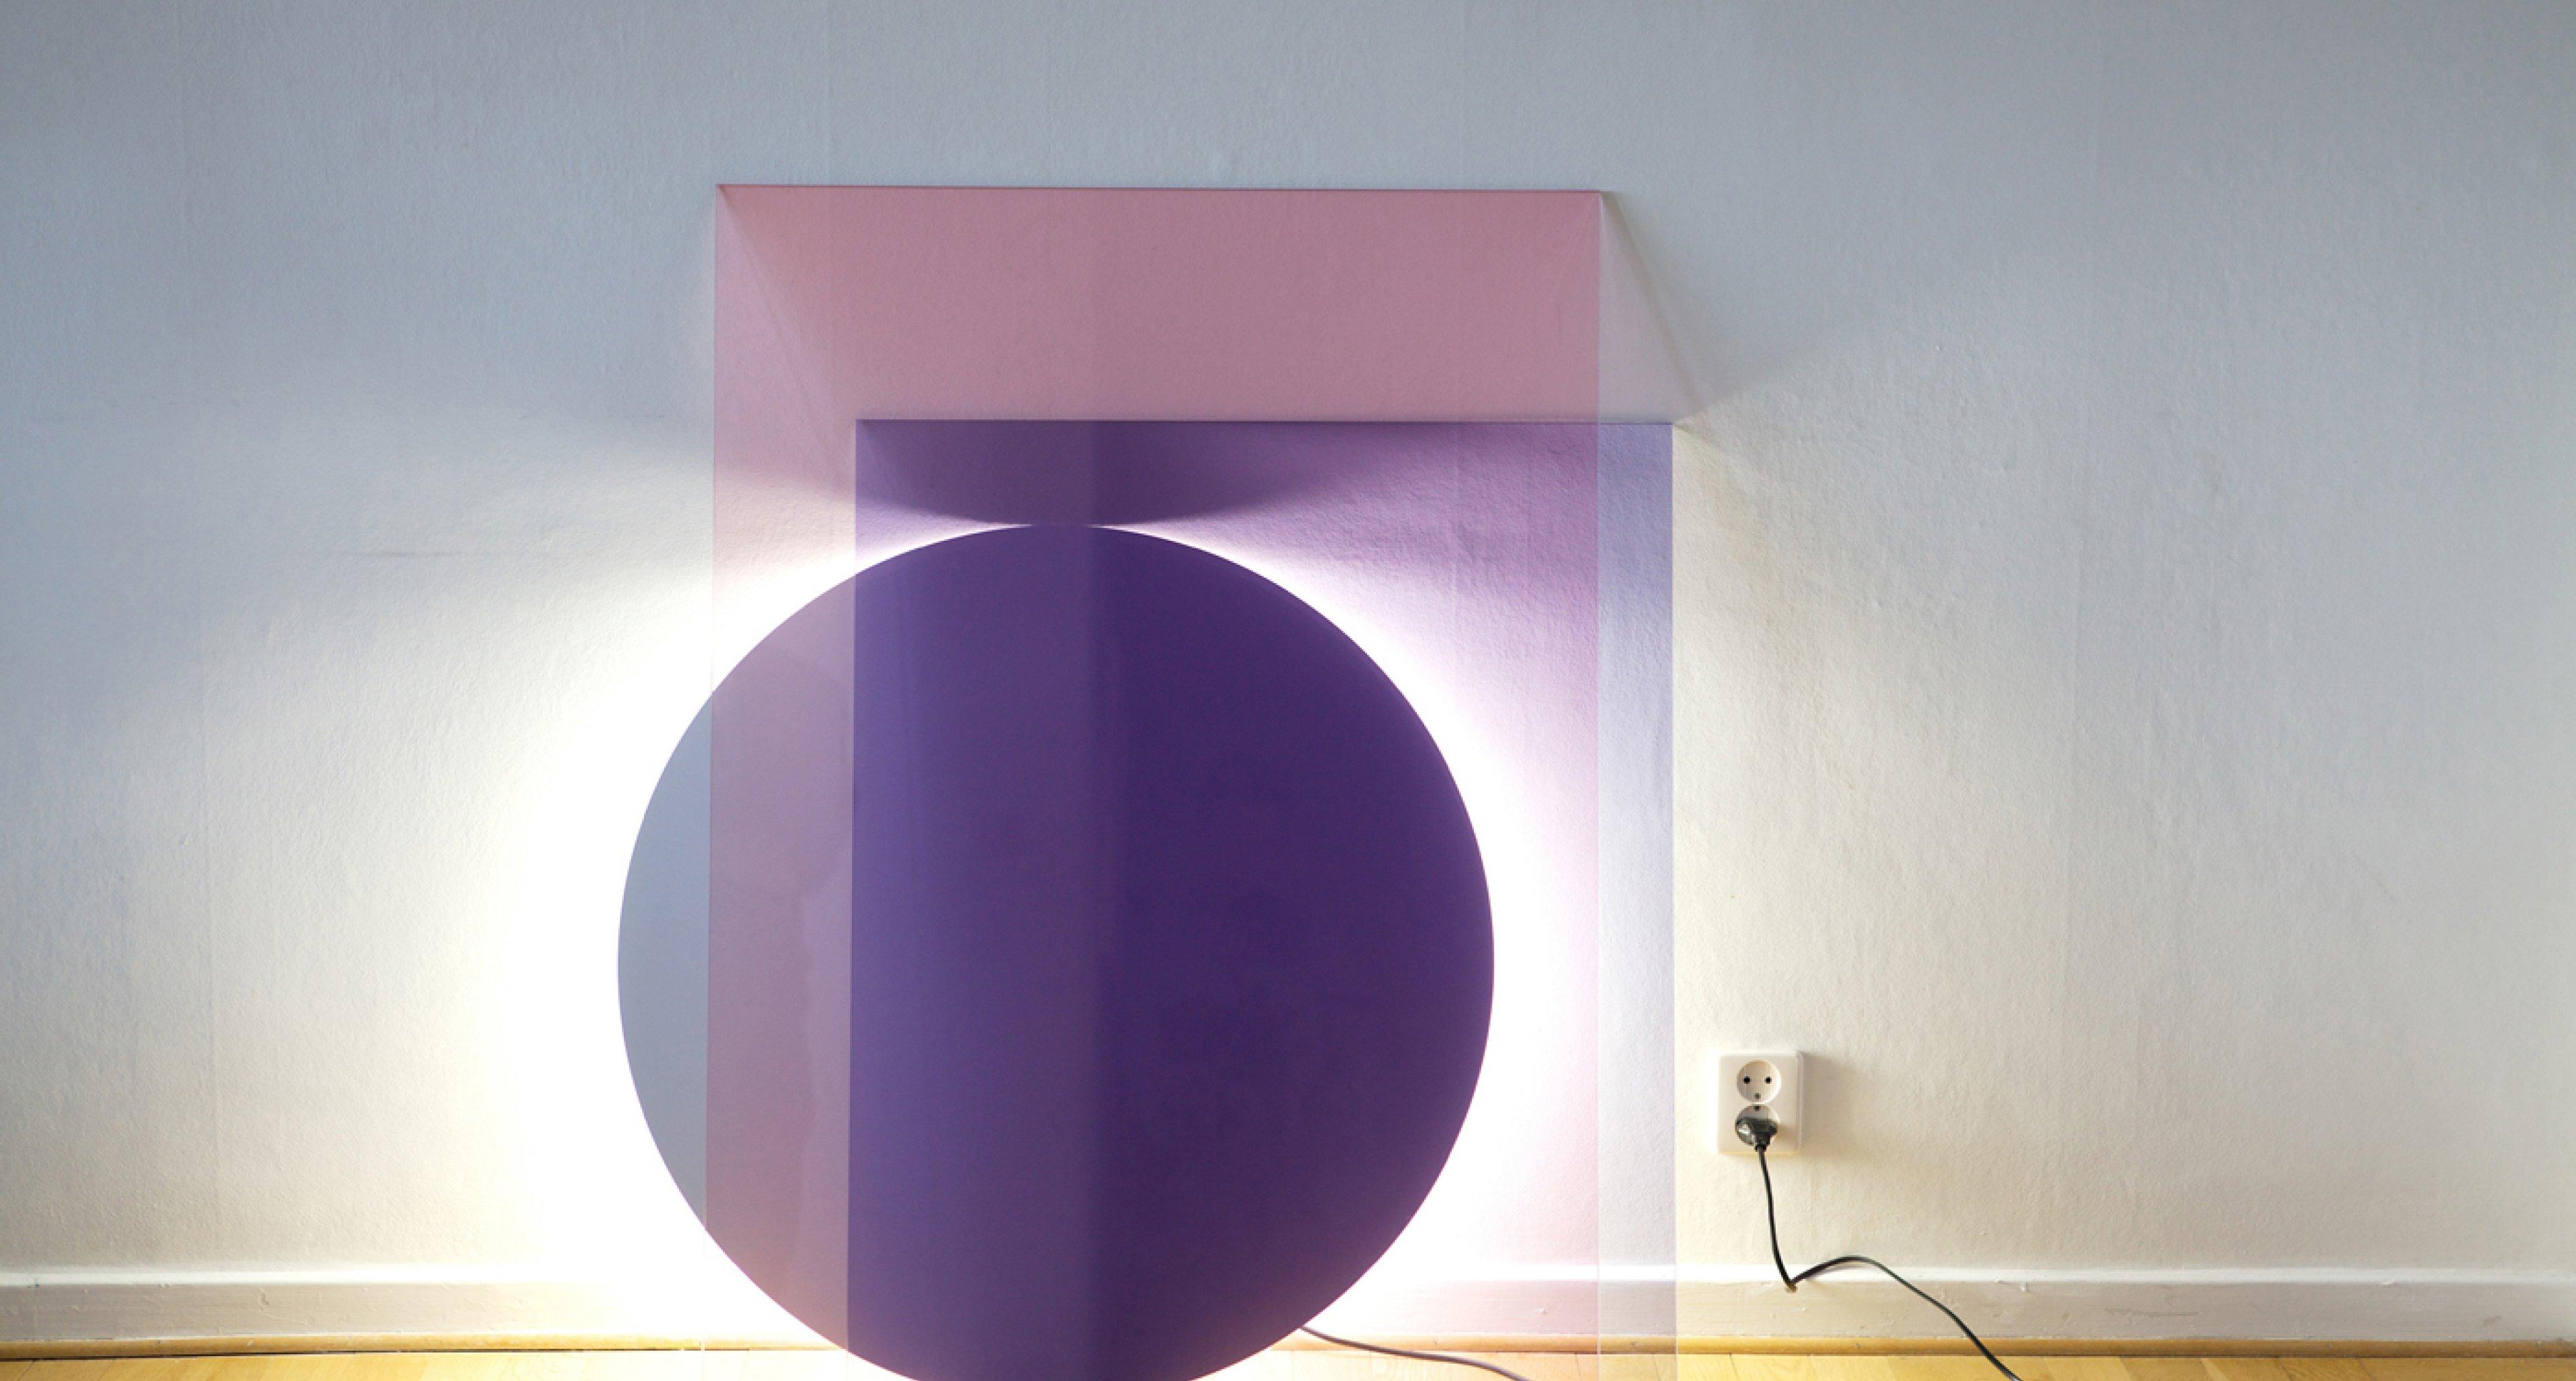 Daniel Rybakken, Andreas Engesvik, Colour Light for Ligne Roset, 2011 © Photo: Kalle Sanner and Daniel Rybakken